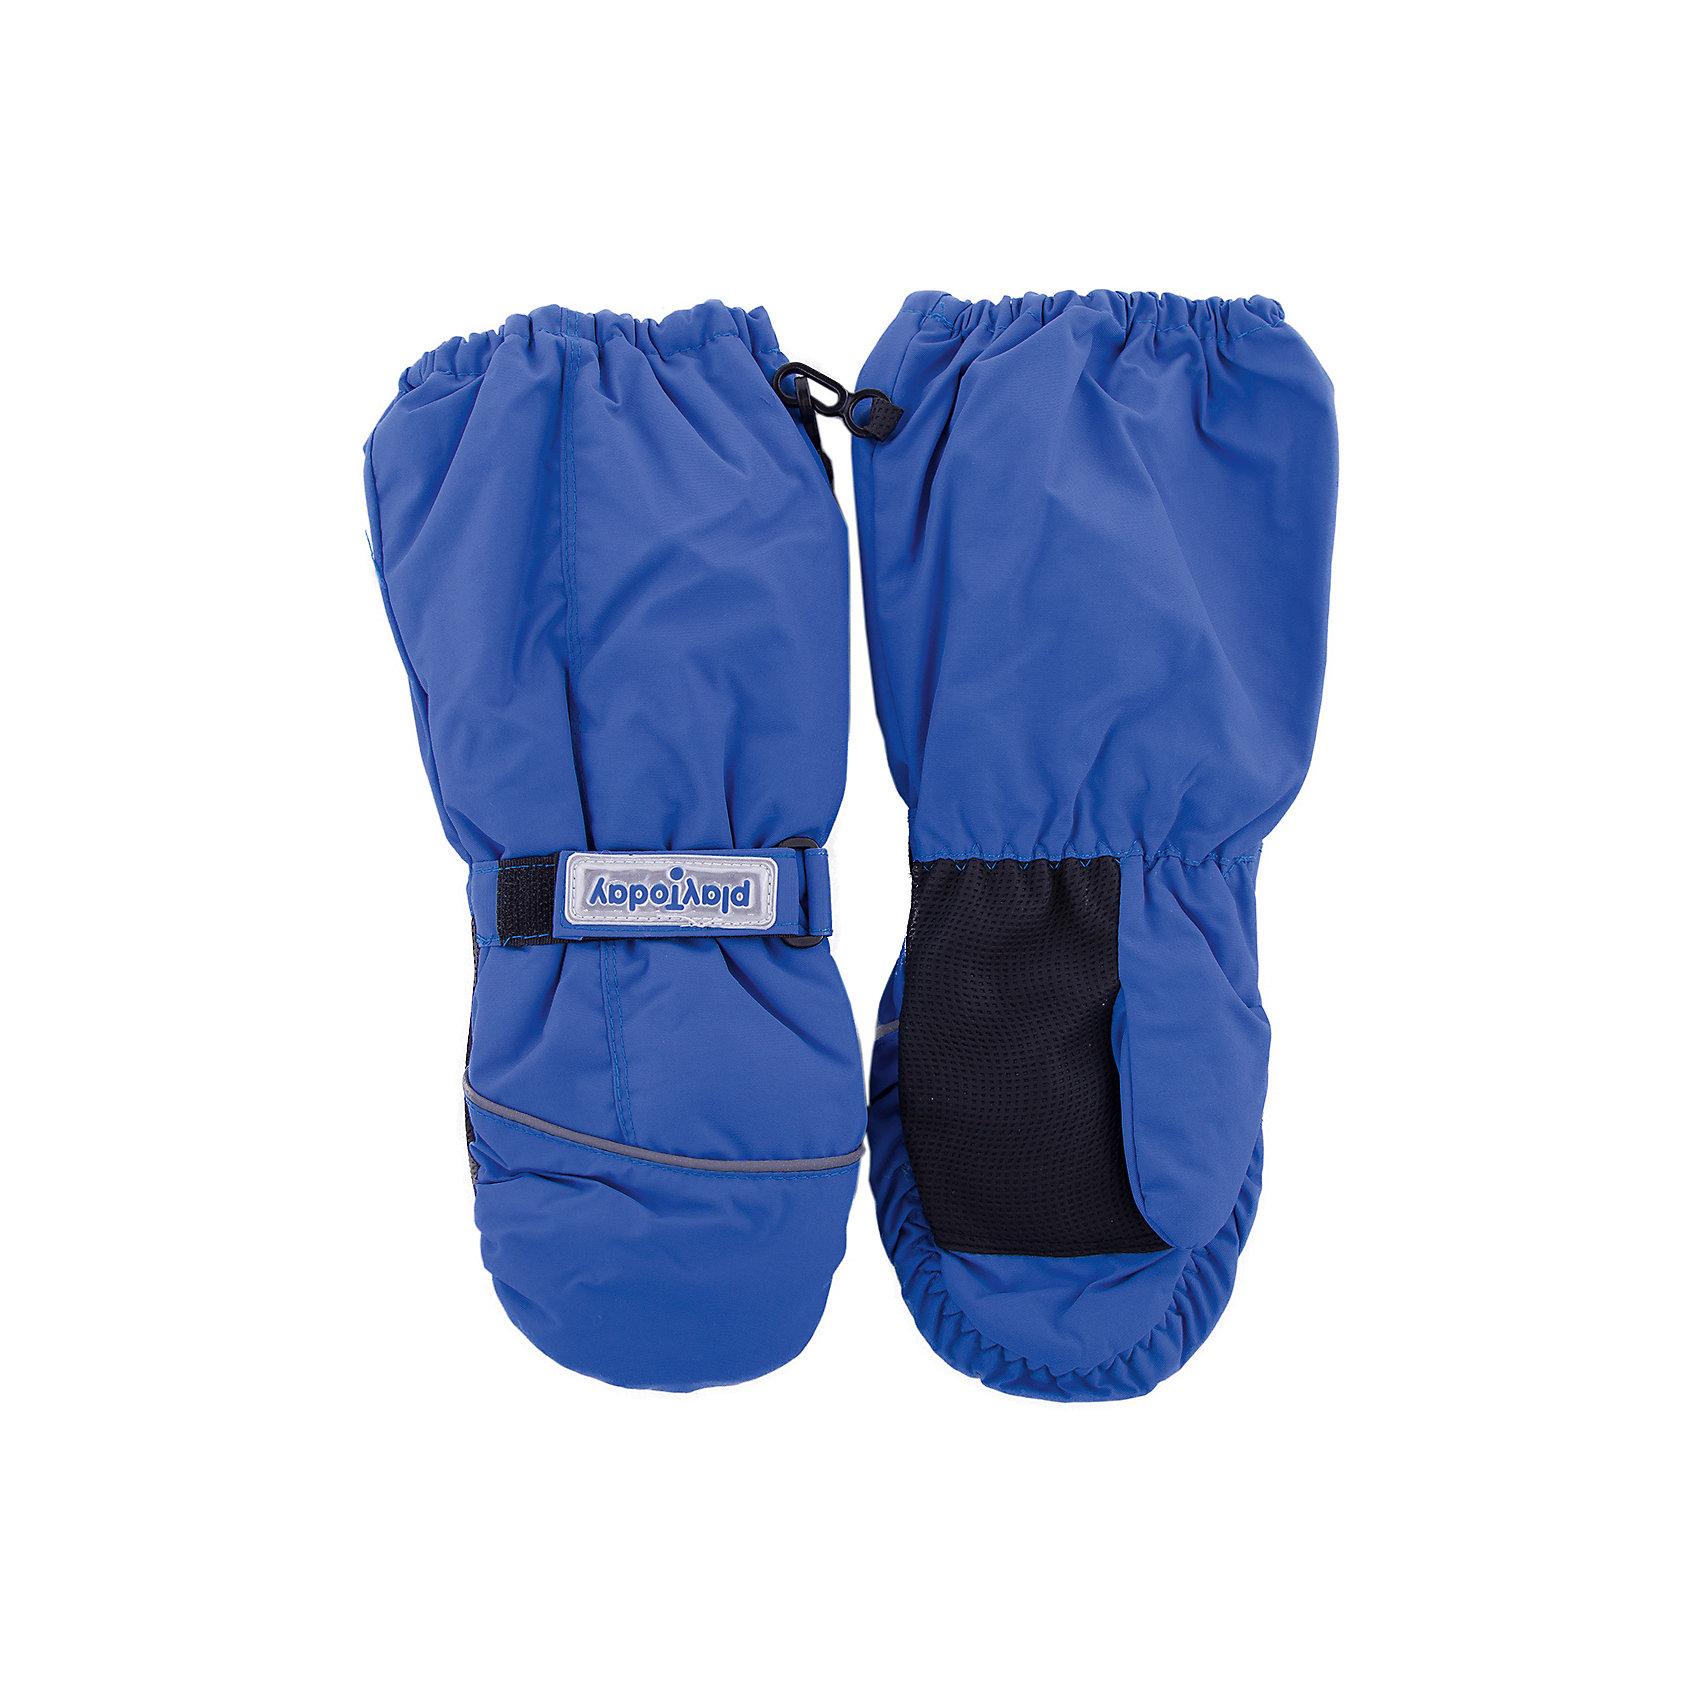 Варежки PlayToday для девочкиПерчатки, варежки<br>Варежки PlayToday для девочки<br>Теплые рукавицы из непромокаемого материала защитят руки ребенка при холодной погоде. Модель на подкладке из теплого флиса. Удлиненные запястья из плотной вязаной ткани. В качестве декора использован искусственный мех.<br>Состав:<br>Верх: 100% полиэстер, Подкладка: 100% полиэстер, Наполнитель: 100% полиэстер<br><br>Ширина мм: 162<br>Глубина мм: 171<br>Высота мм: 55<br>Вес г: 119<br>Цвет: белый<br>Возраст от месяцев: 84<br>Возраст до месяцев: 96<br>Пол: Женский<br>Возраст: Детский<br>Размер: 4,2,3<br>SKU: 7106171